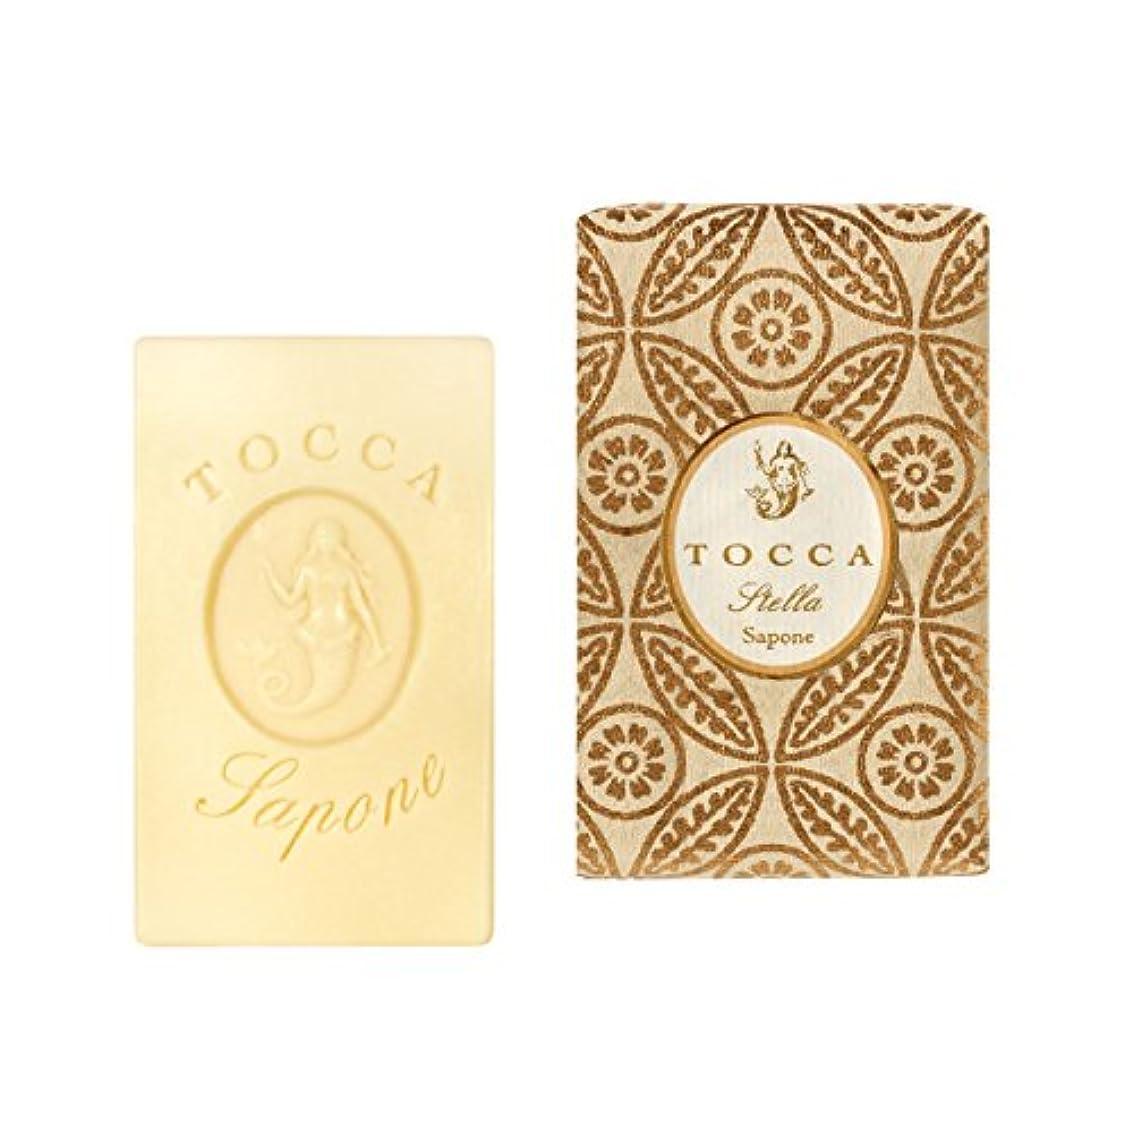 境界バルブ滑りやすいトッカ(TOCCA) ソープバー ステラの香り 113g(石けん 化粧石けん イタリアンブラッドオレンジが奏でるフレッシュでビターな爽やかさ漂う香り)